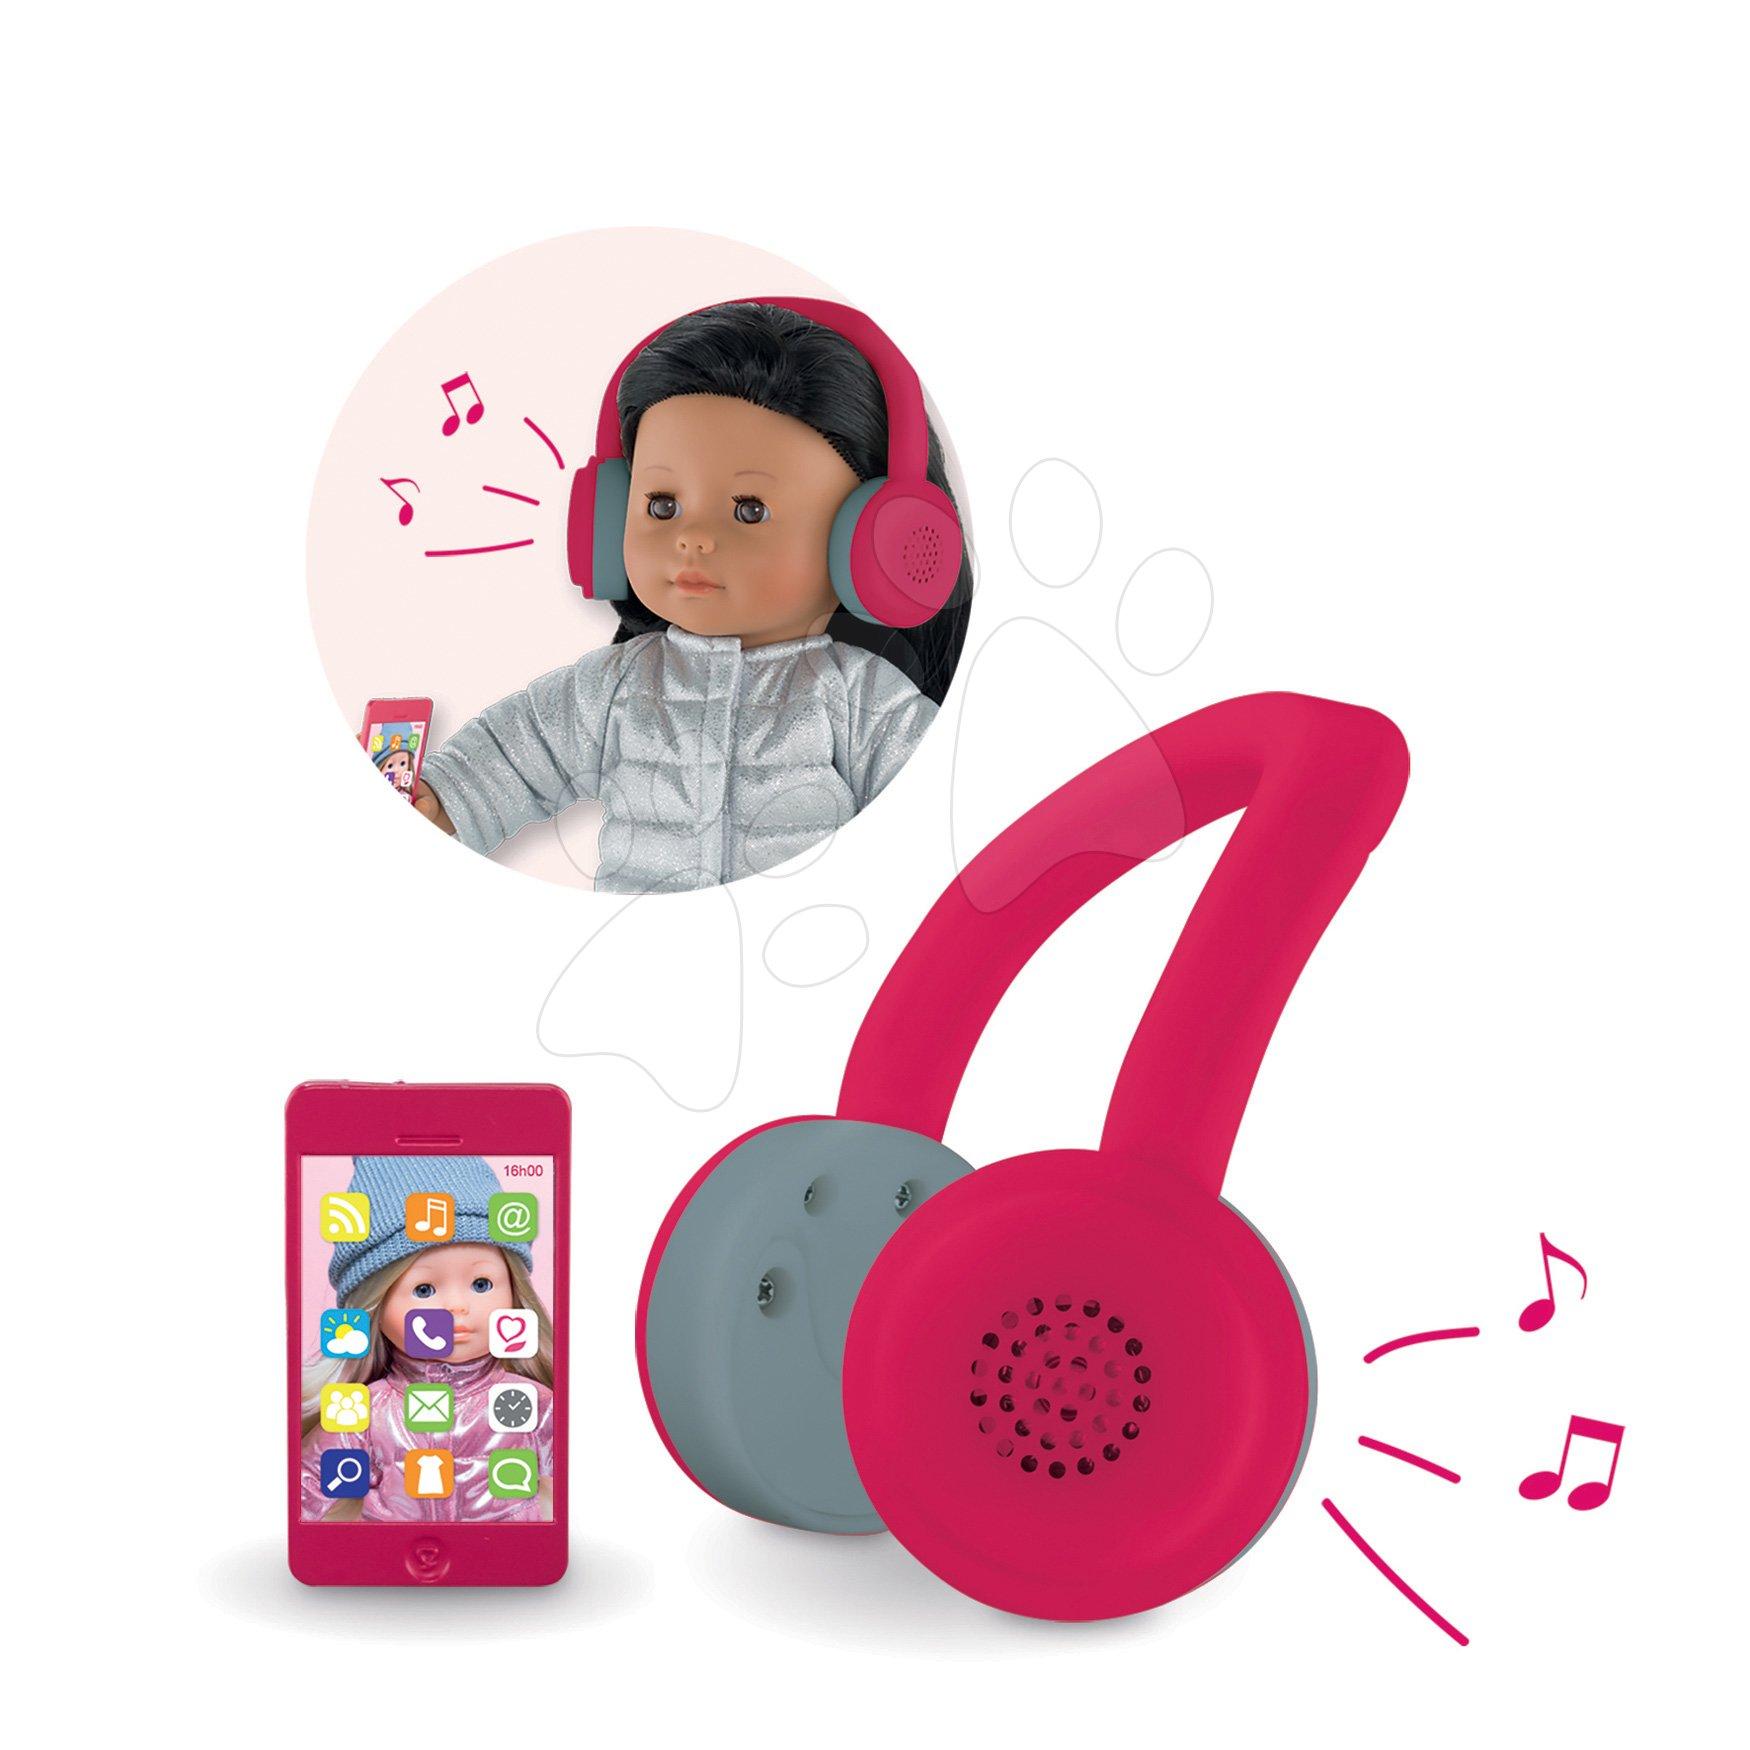 Sluchátka a mobil Headphone&Cell Phone Scooter Ma Corolle pre 36 cm bábiku od 4 rokov CODRN56